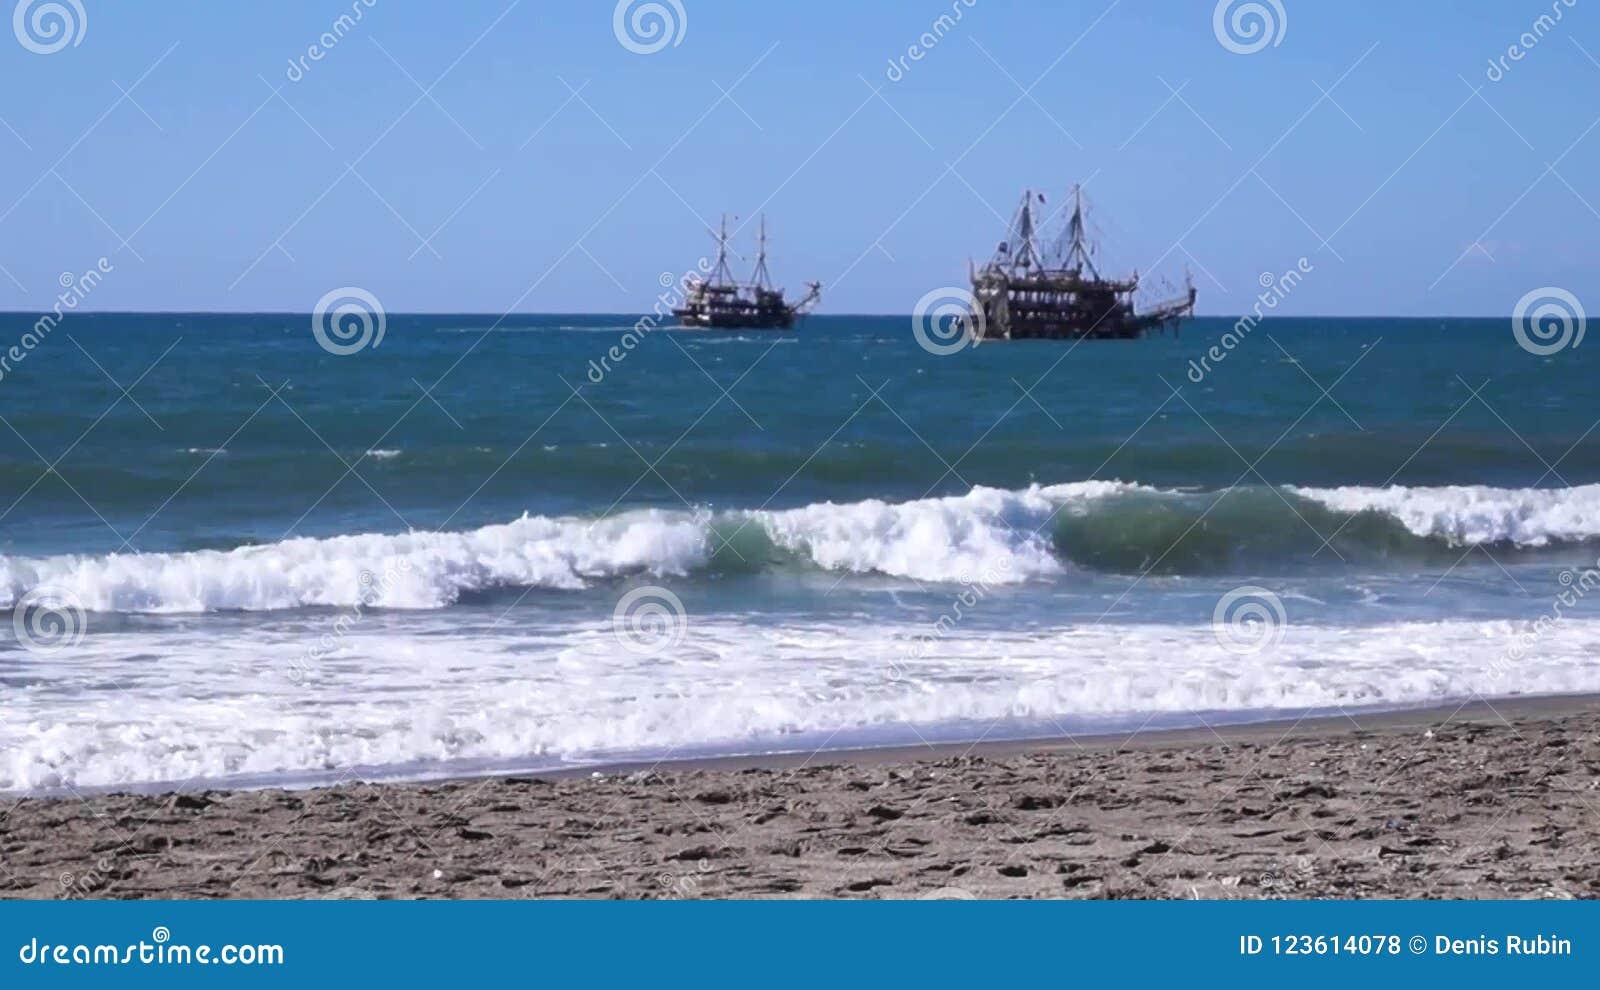 How Ship Floats On Sea